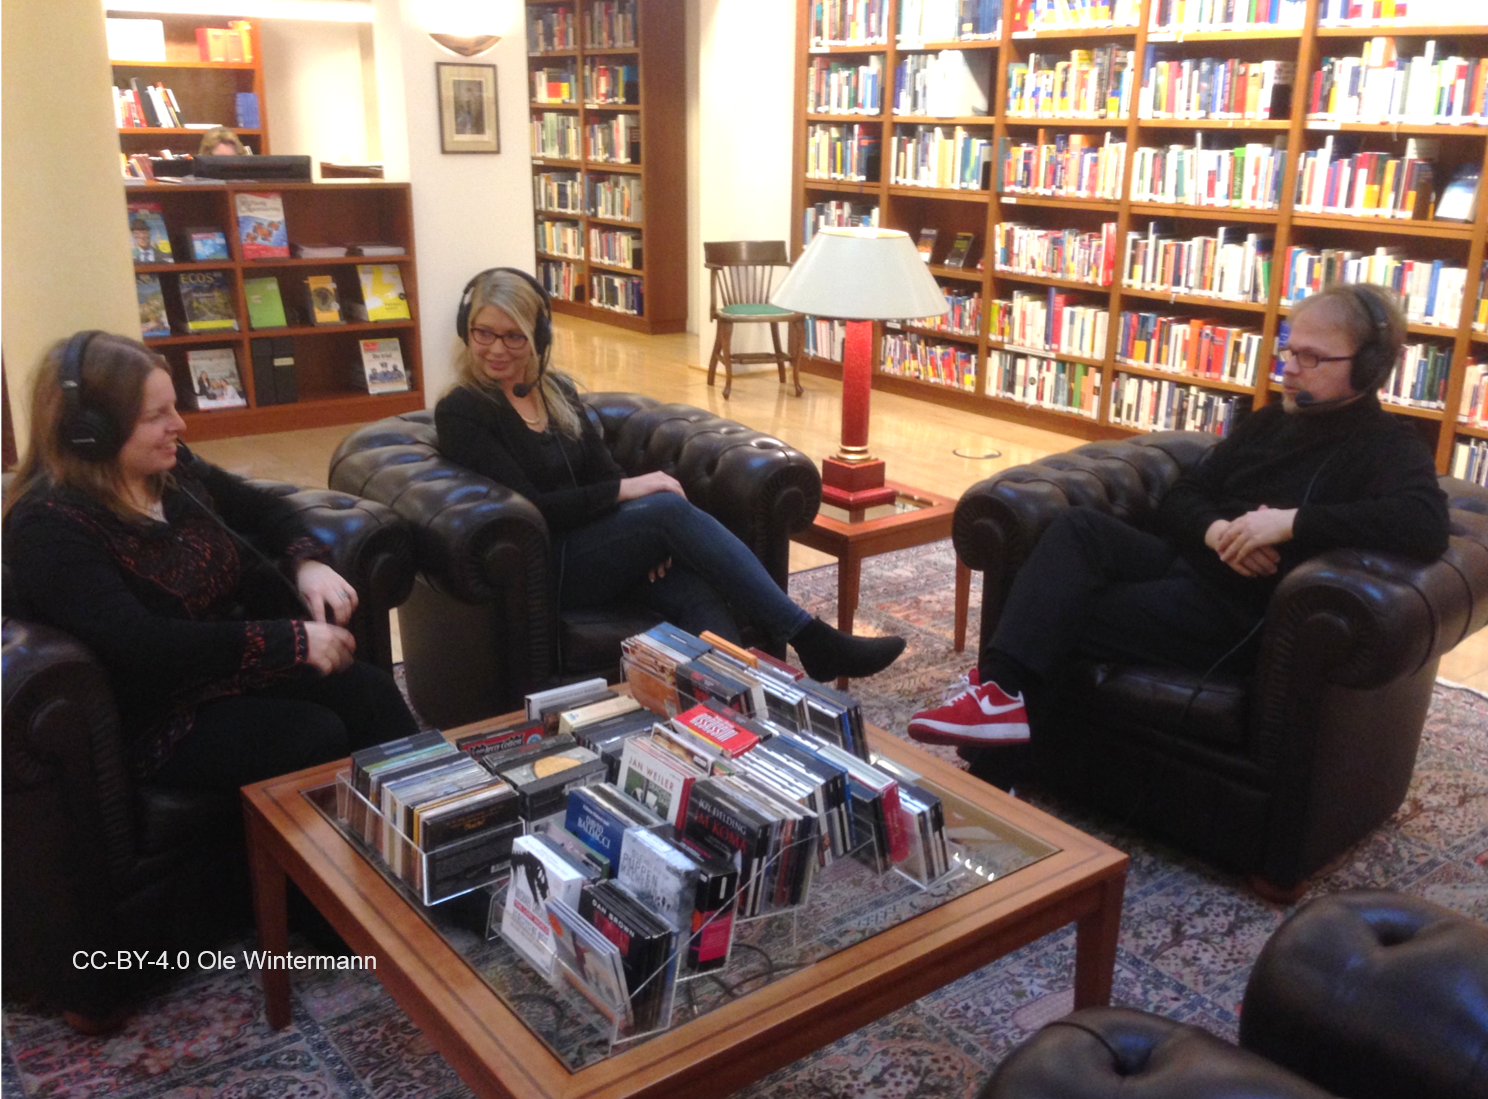 Beim Podcaste: Monika Fischer, Nadine Pollmeier und Jöran Muuß-Merholz